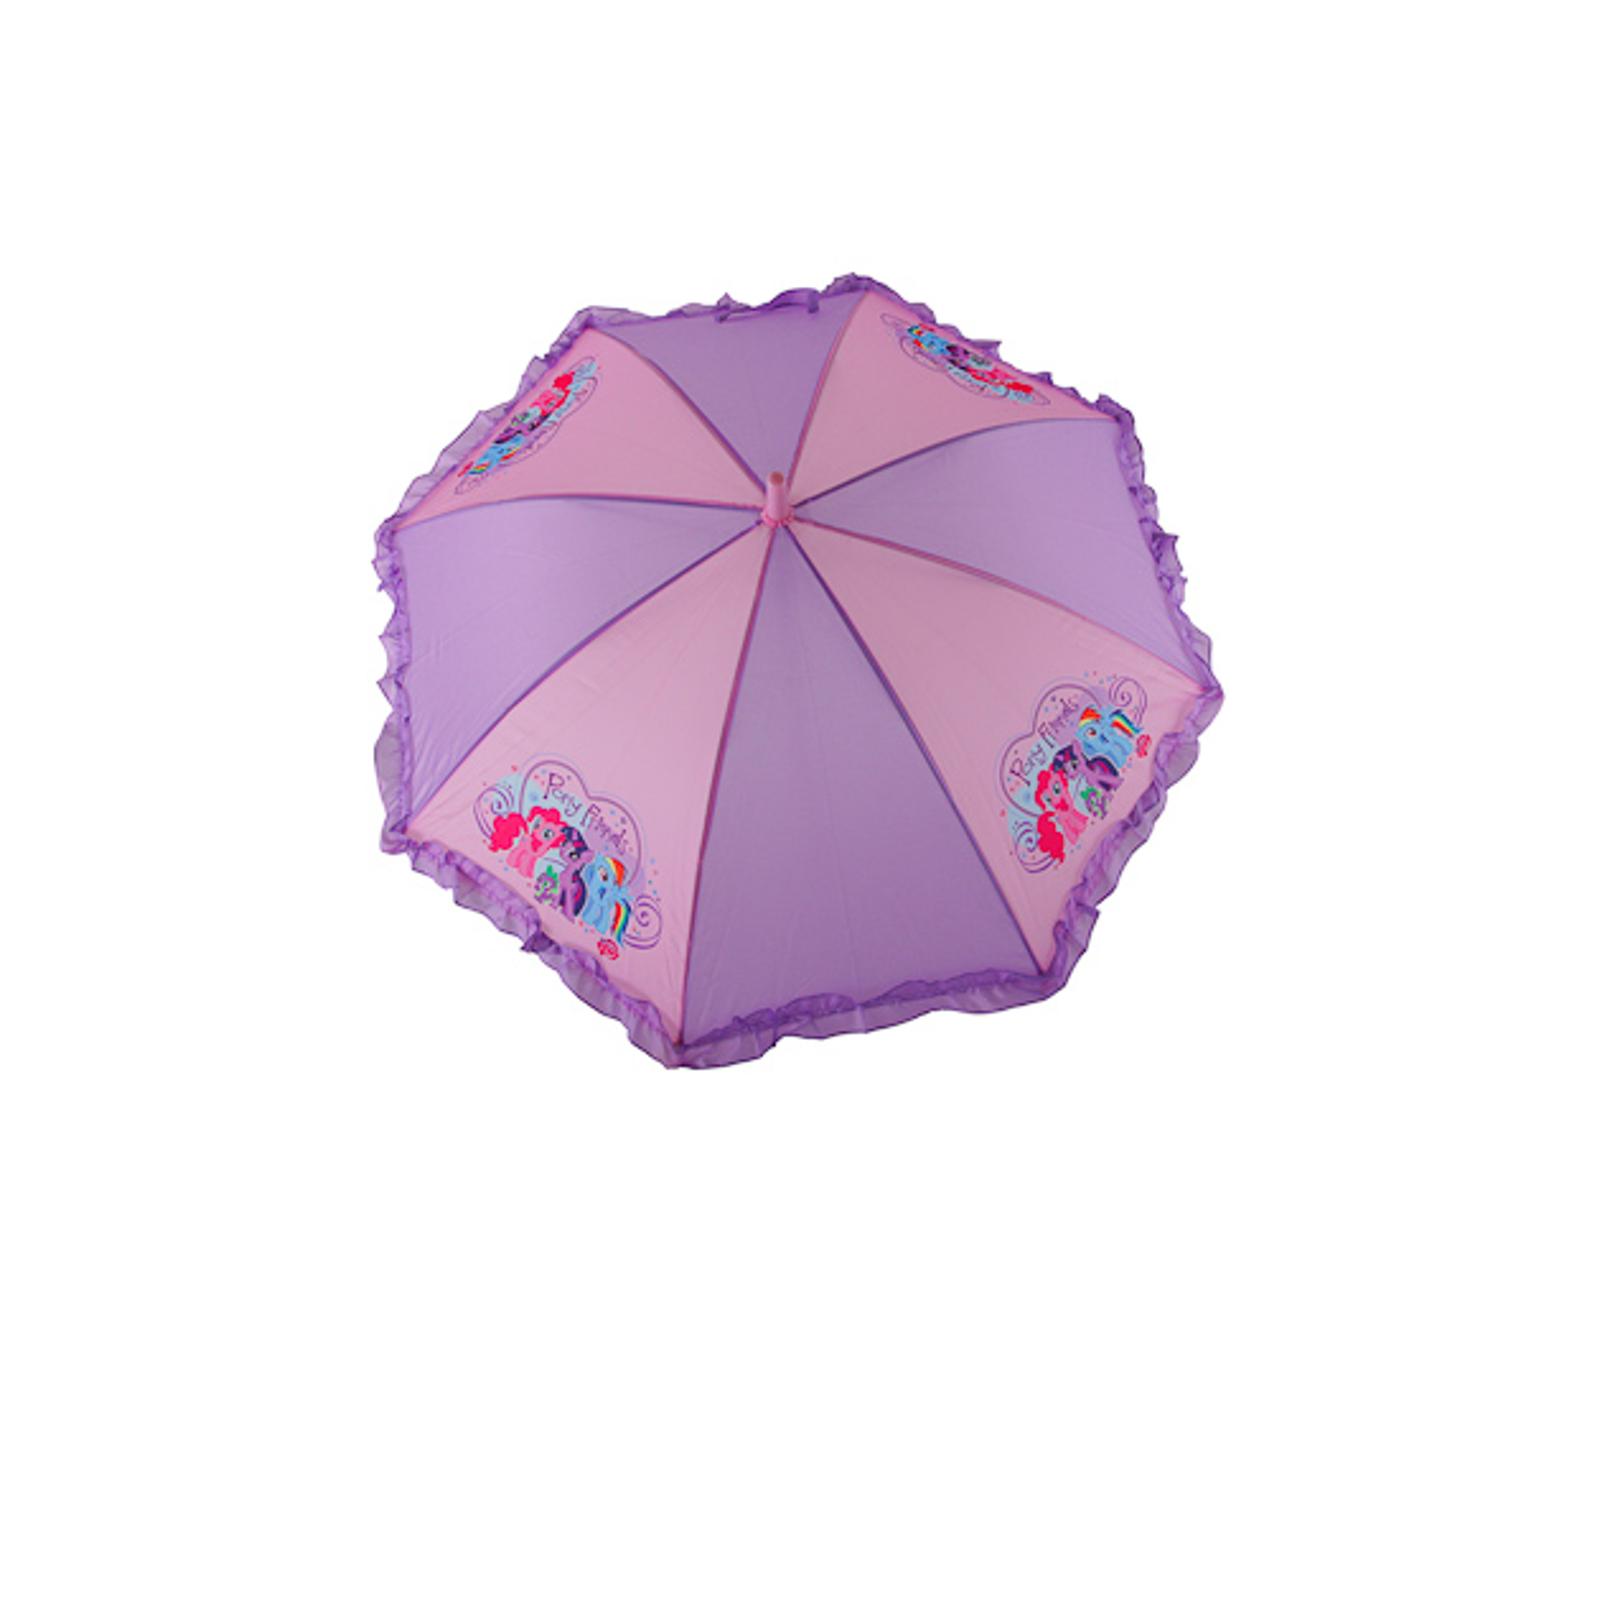 Зонт My Little Pony Сиреневый с розовым 17 см. от Младенец.ru